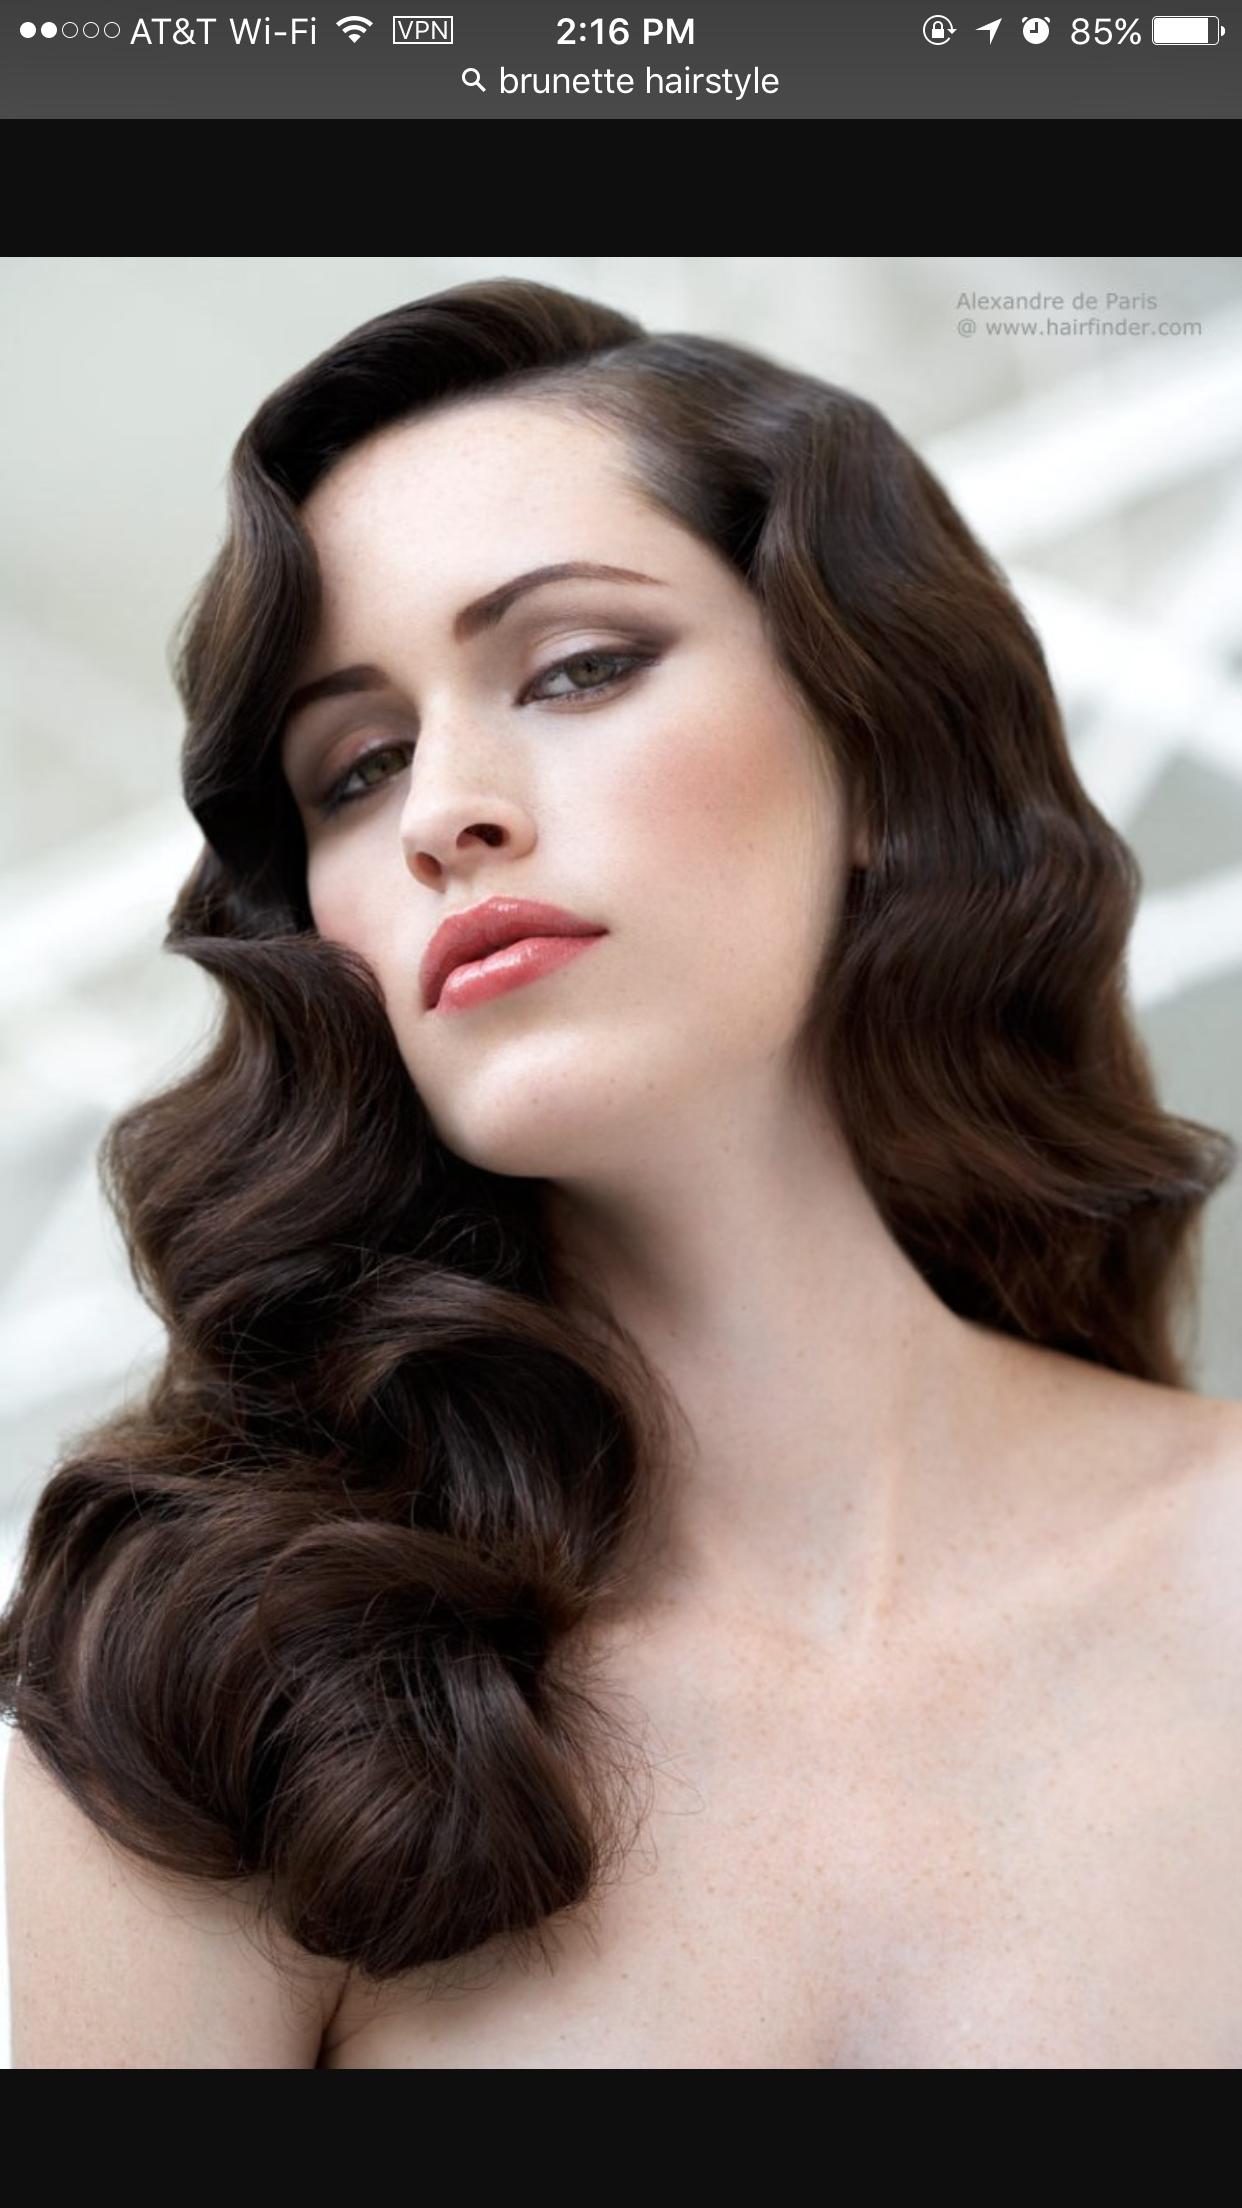 Pin By Ravyana Cartwright On Brunette Hair Styles Pinterest